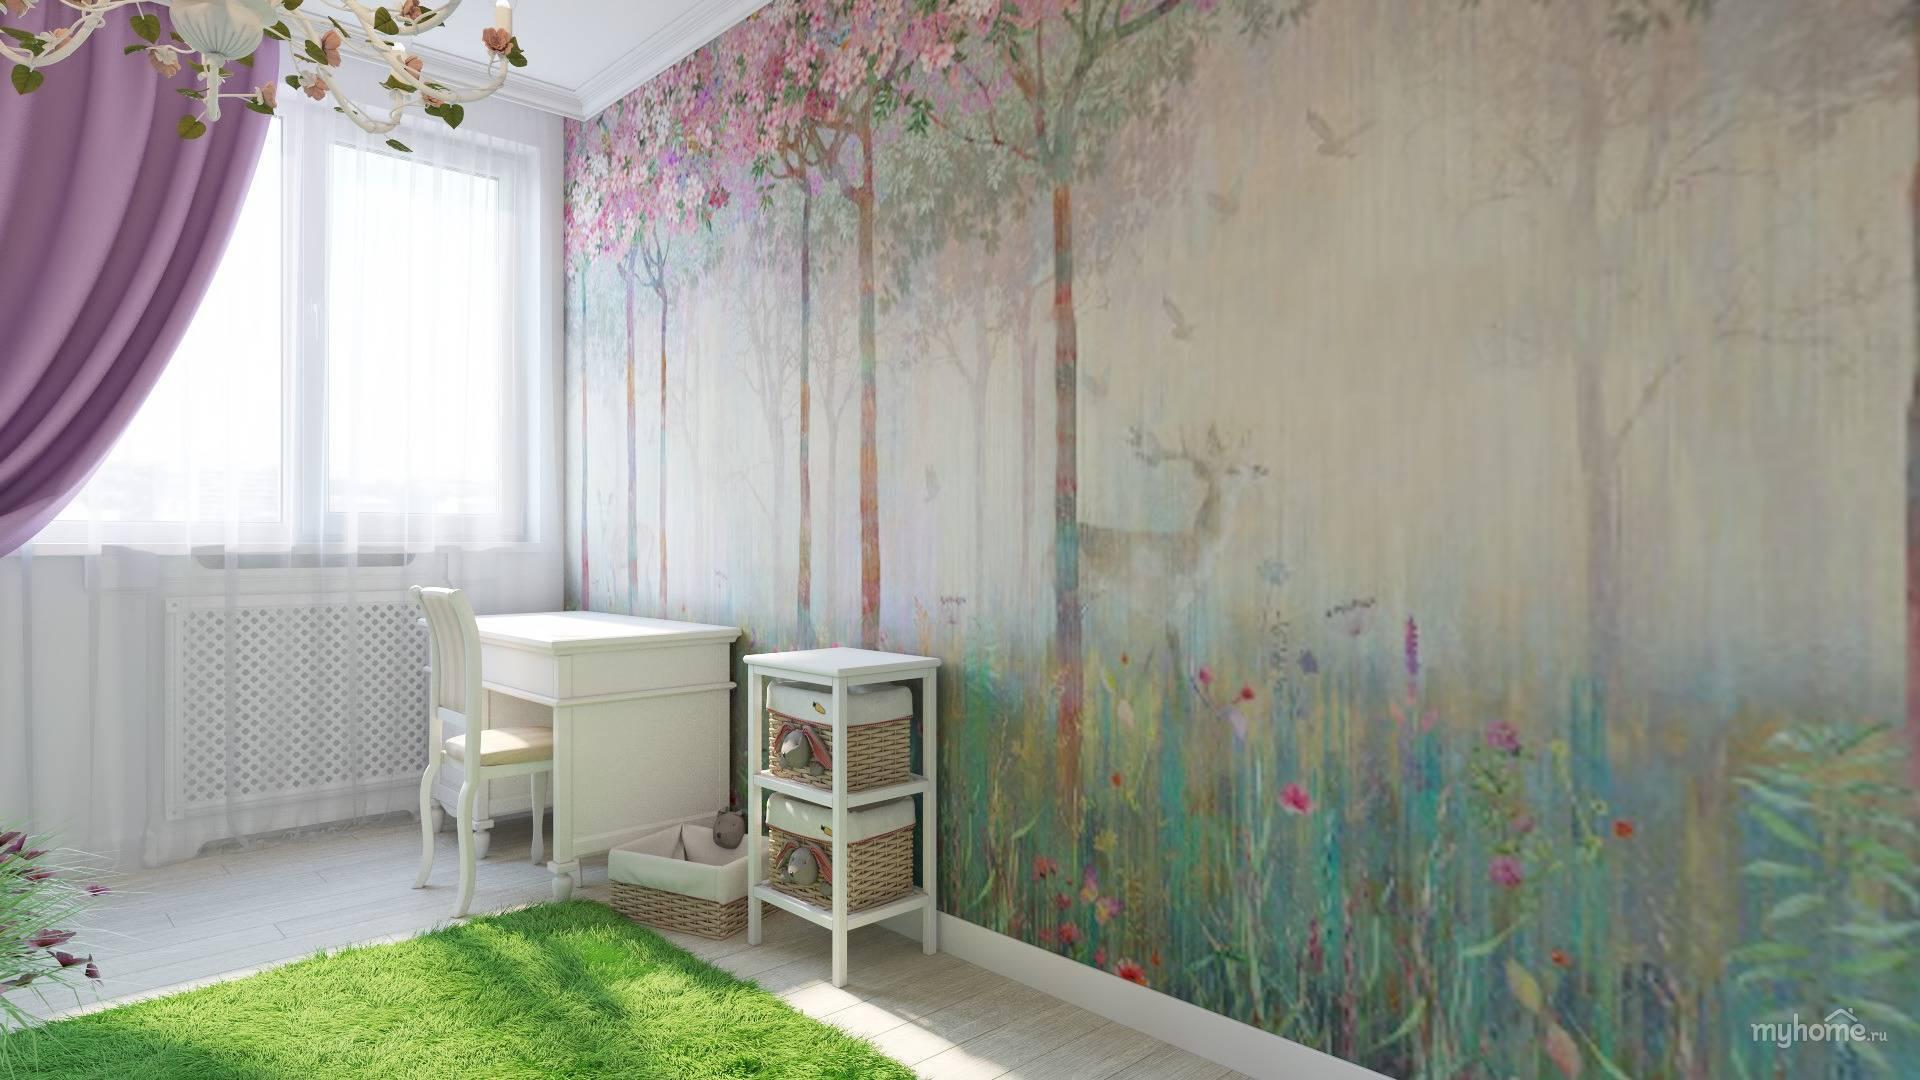 Использование виниловых обоев в интерьере: дизайн в ярких красках